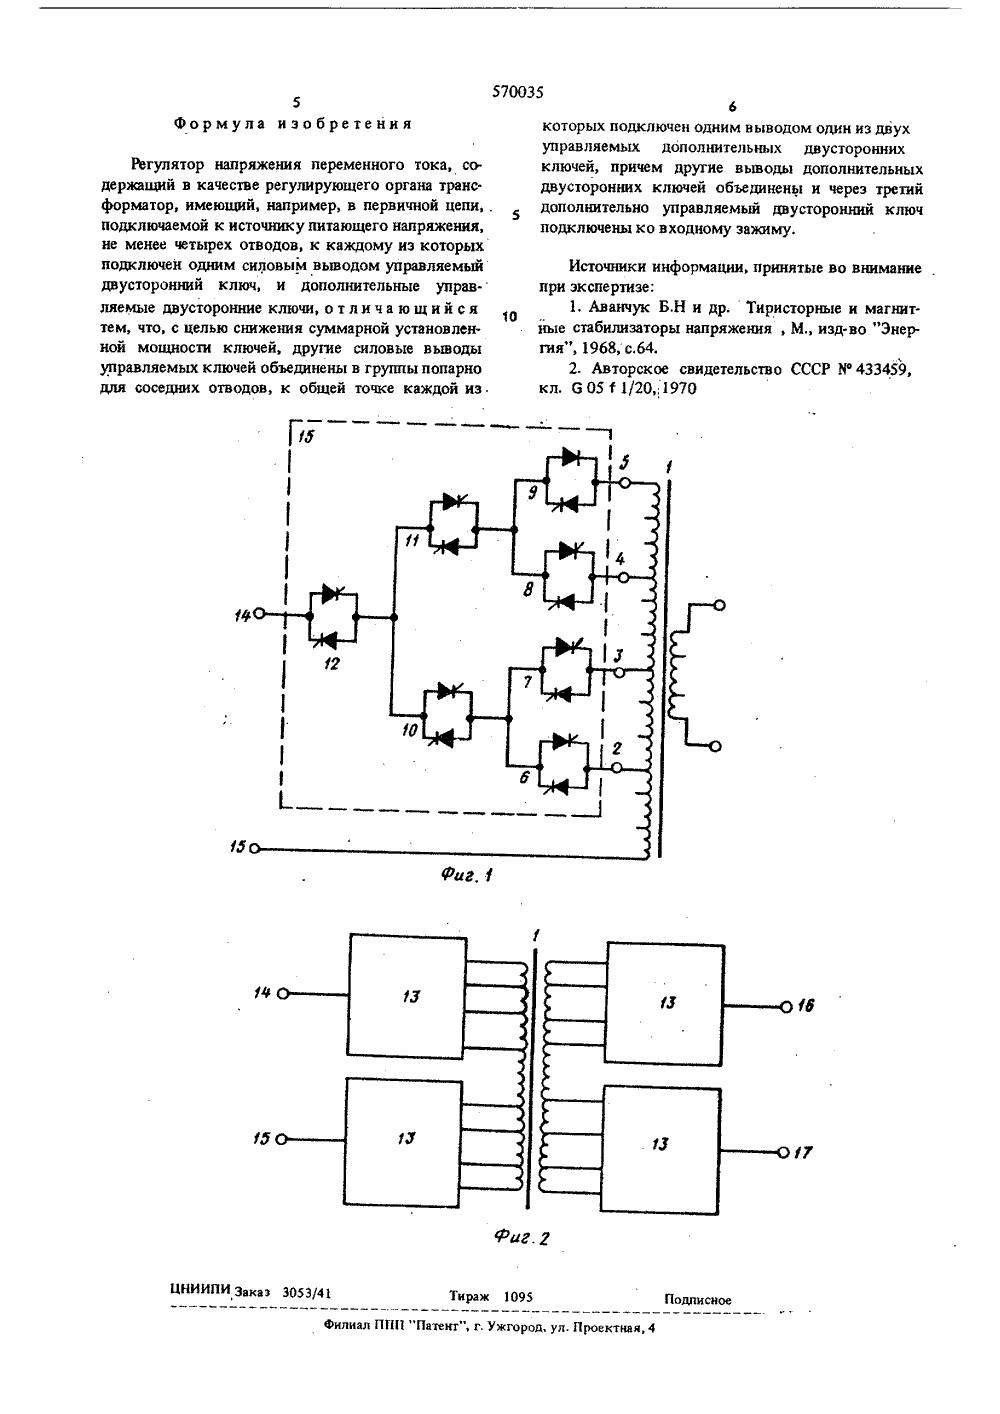 Регулятор тока своими руками : схема и инструкция. Регулятор постоянного 29